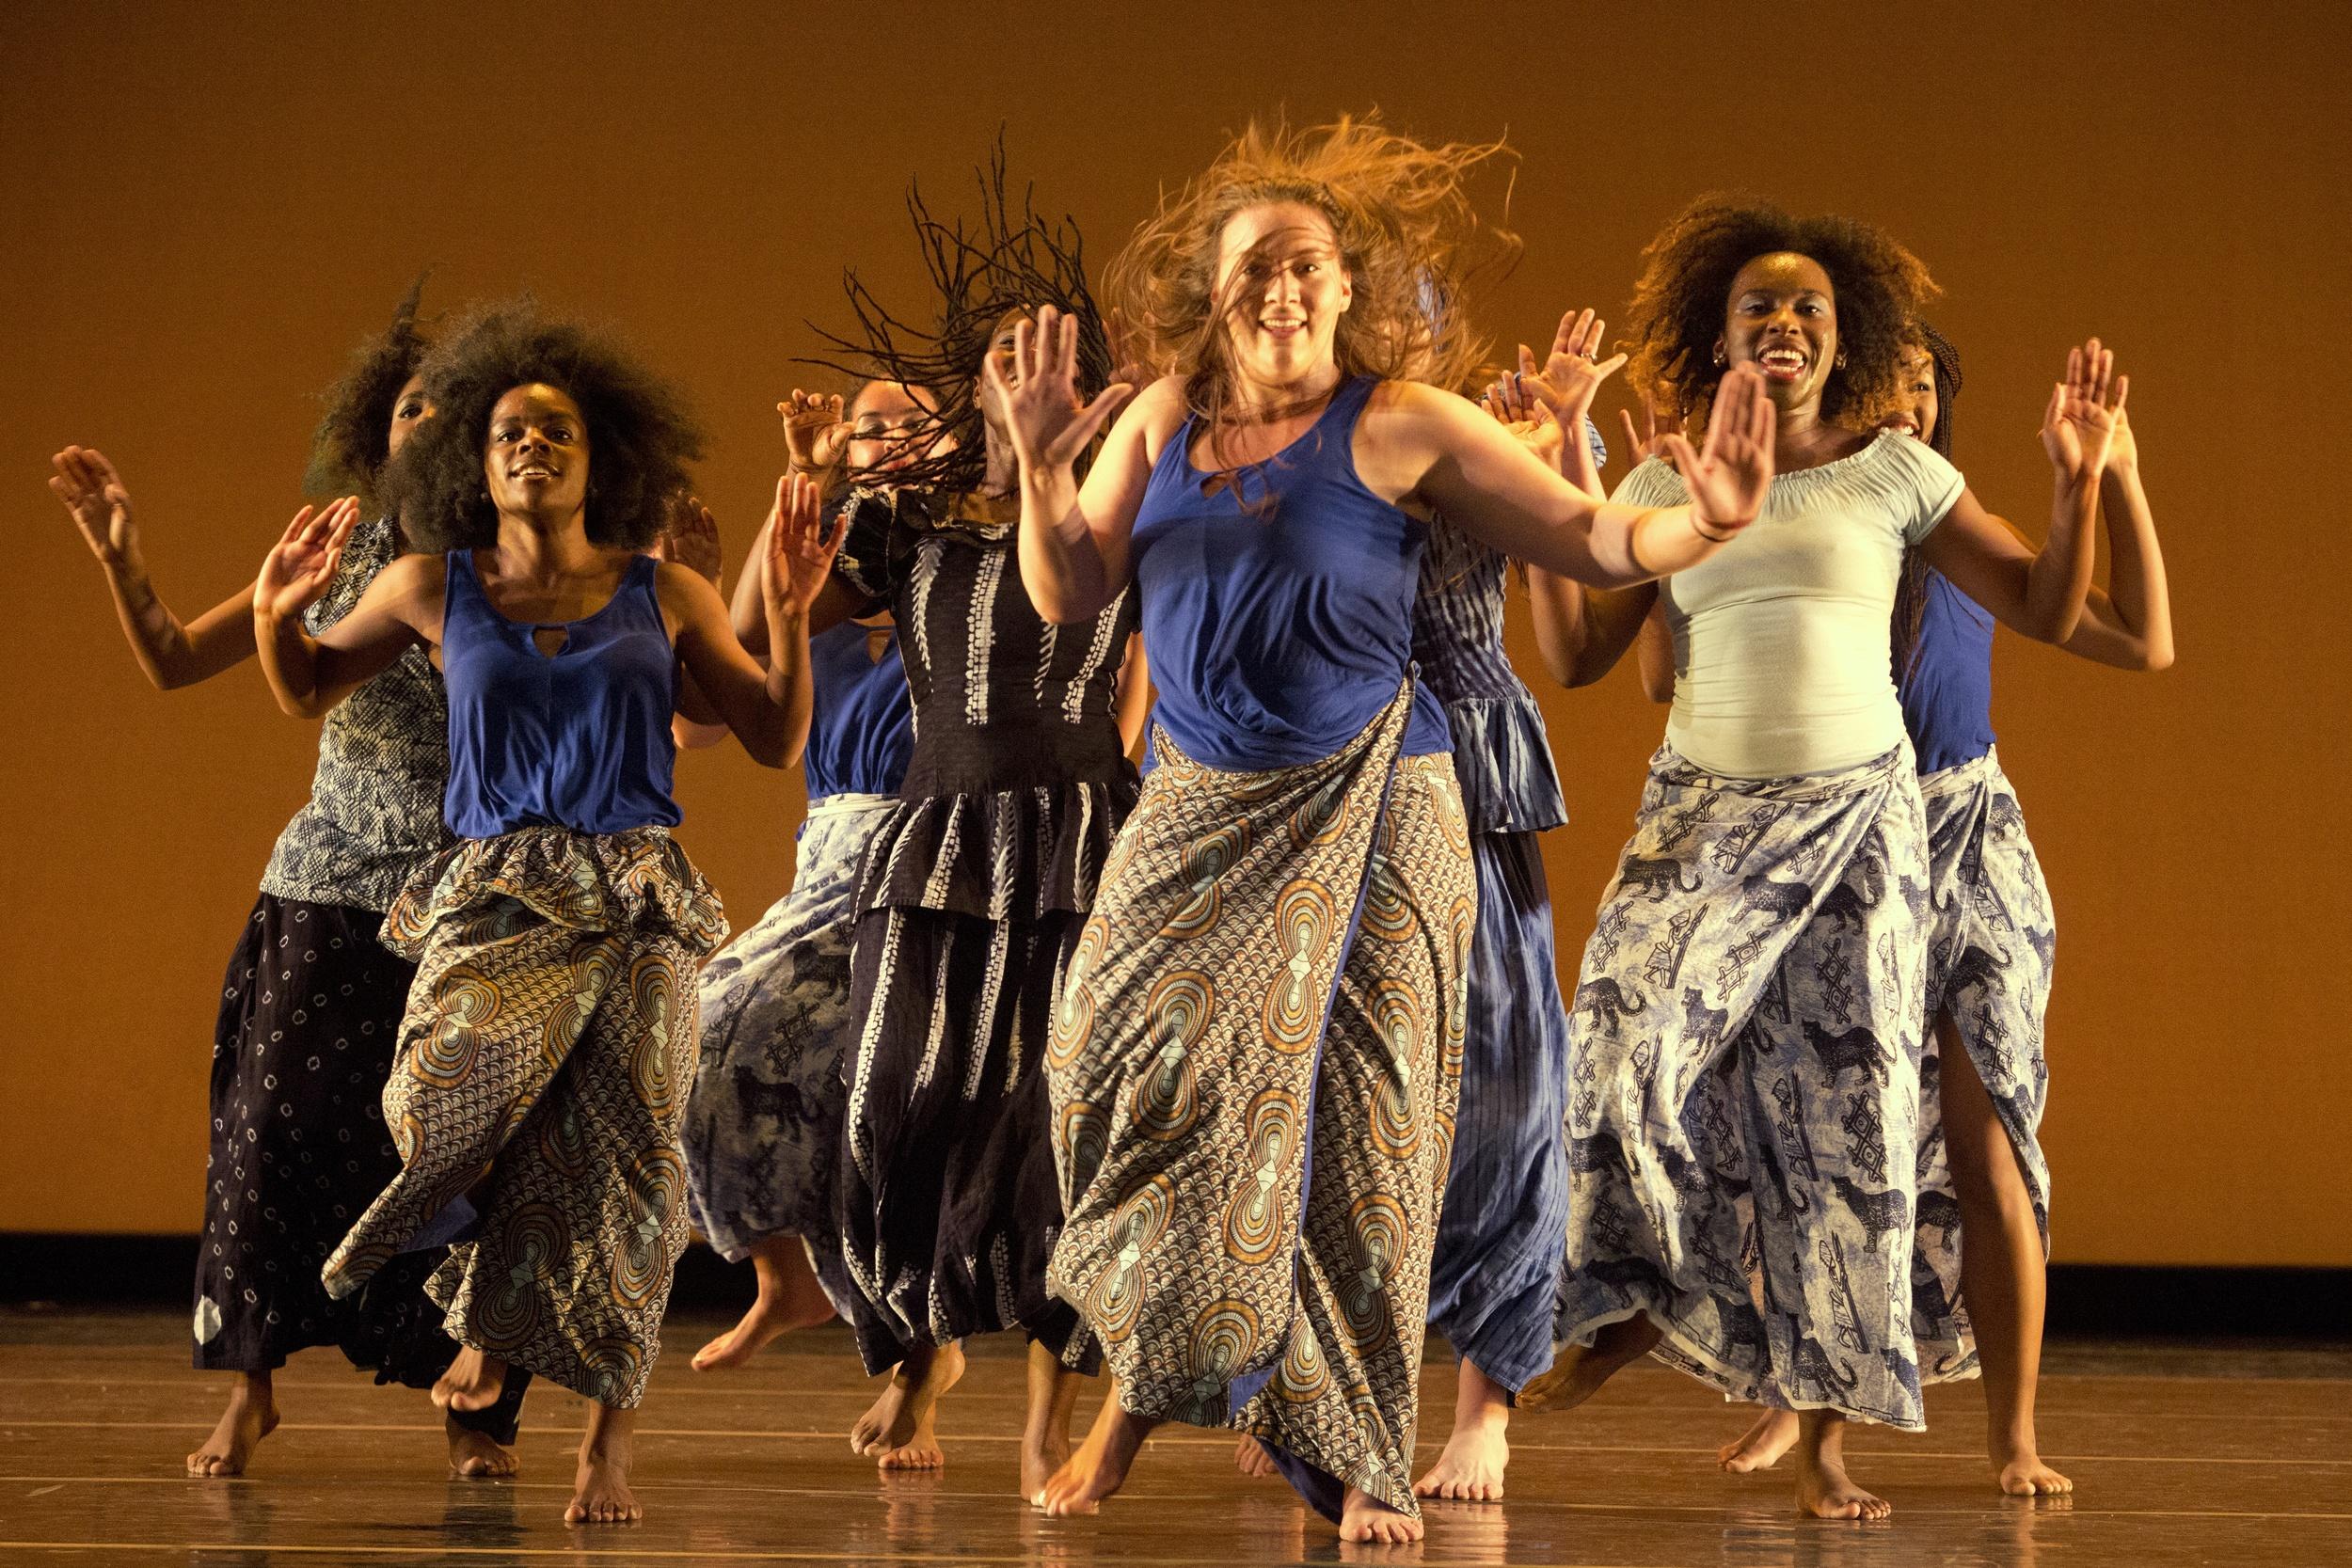 168414_november_dance211.jpg